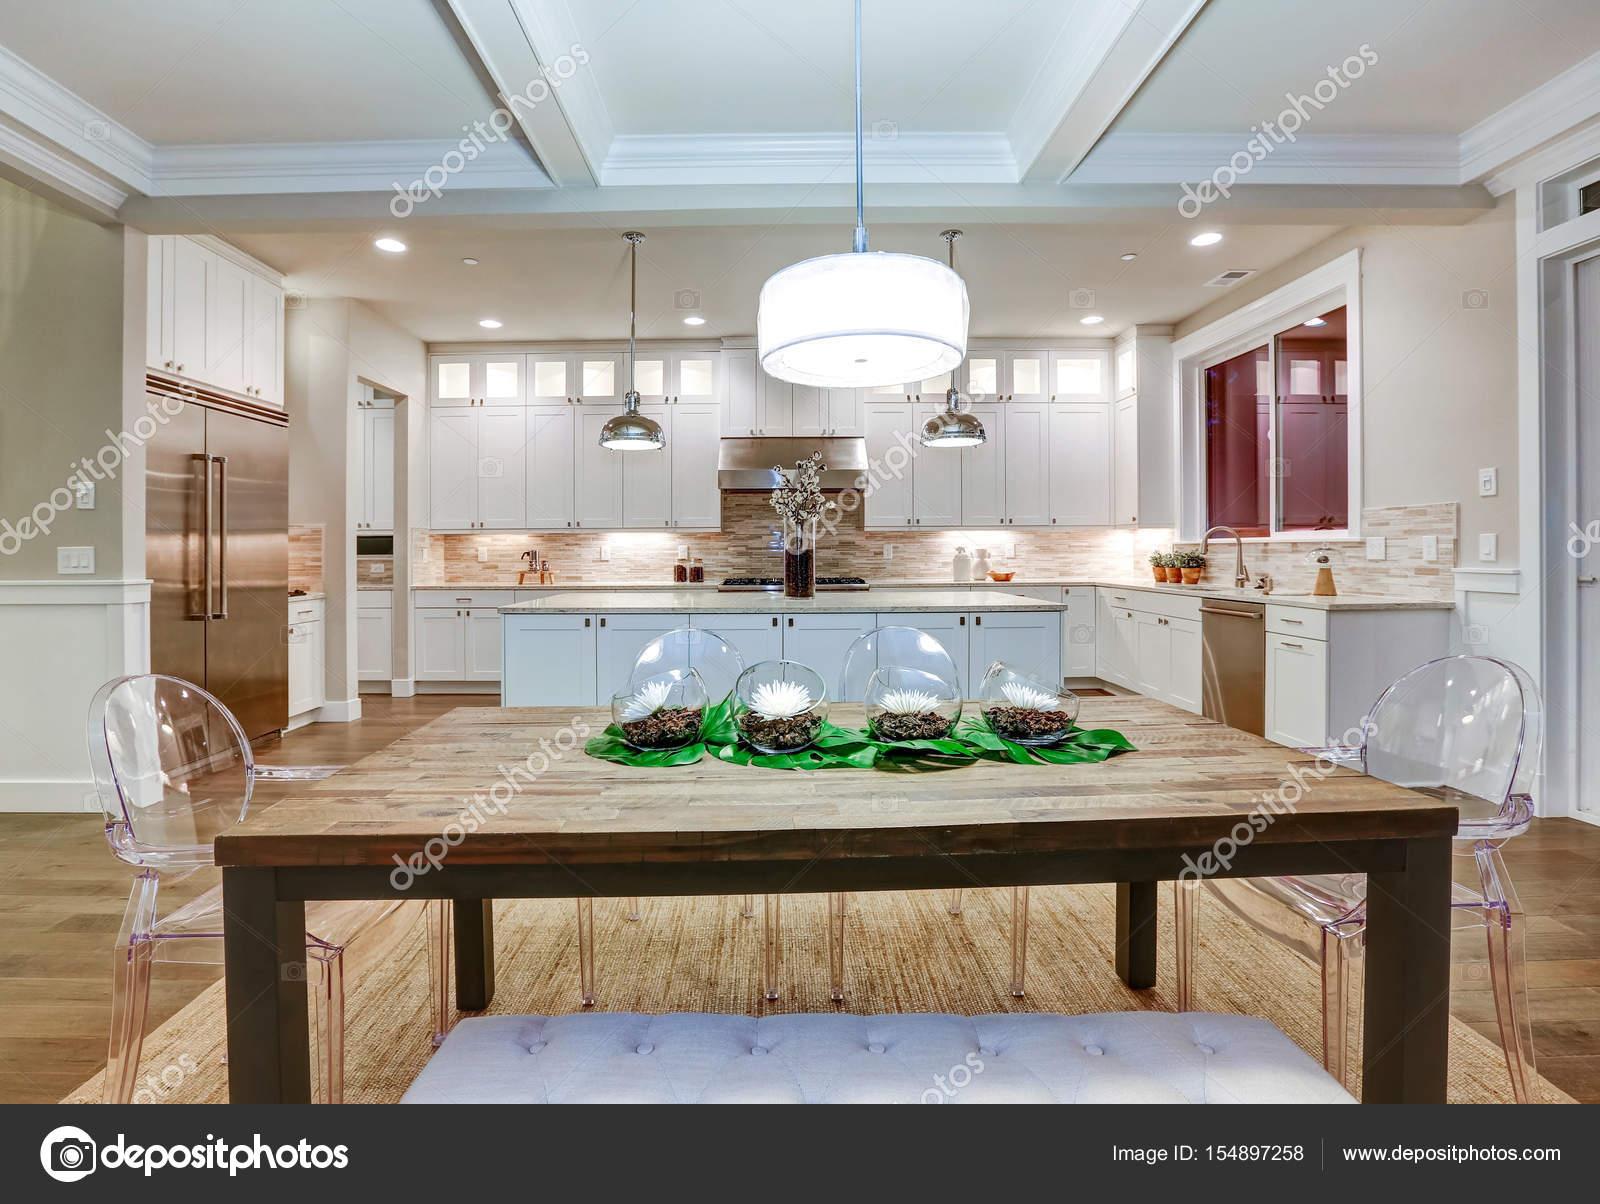 Estilo encantador artesano comedor espacio con techo artesonado ...